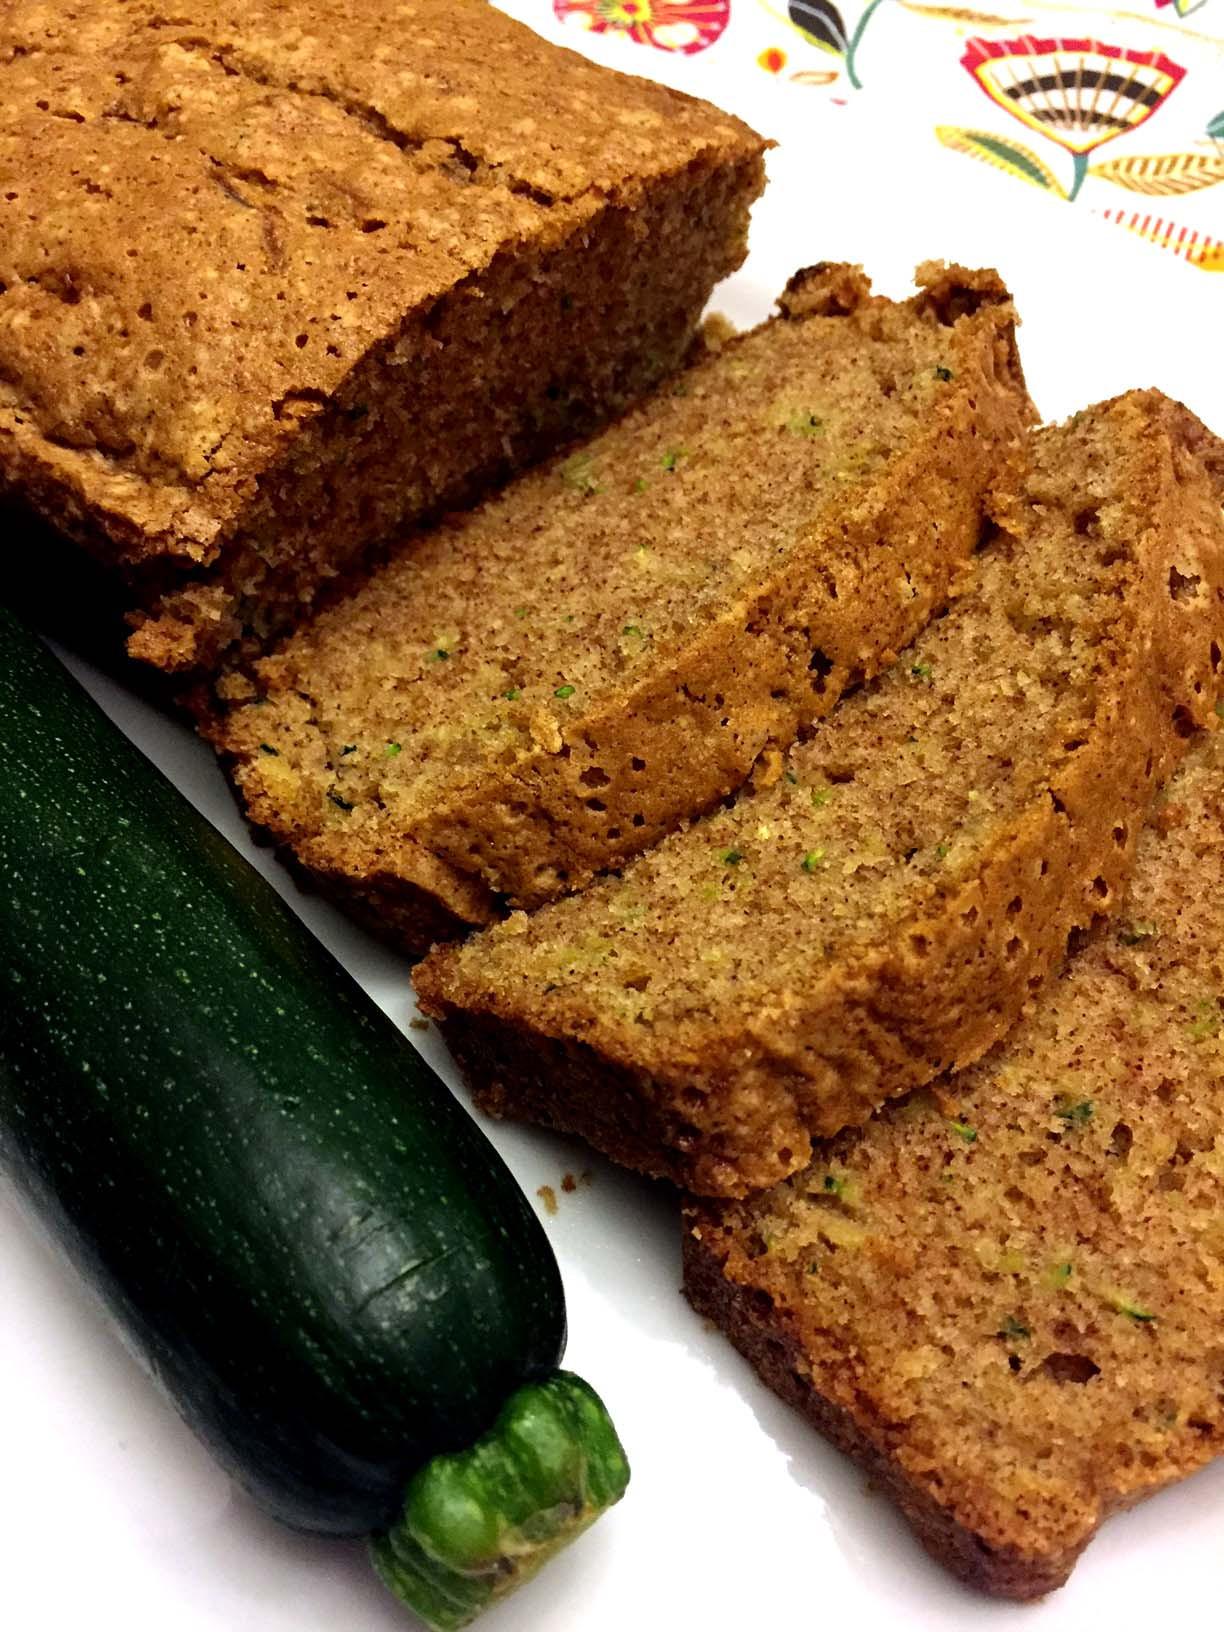 Recipe For Zucchini Bread  Easy Zucchini Bread – Best Zucchini Bread Recipe Ever